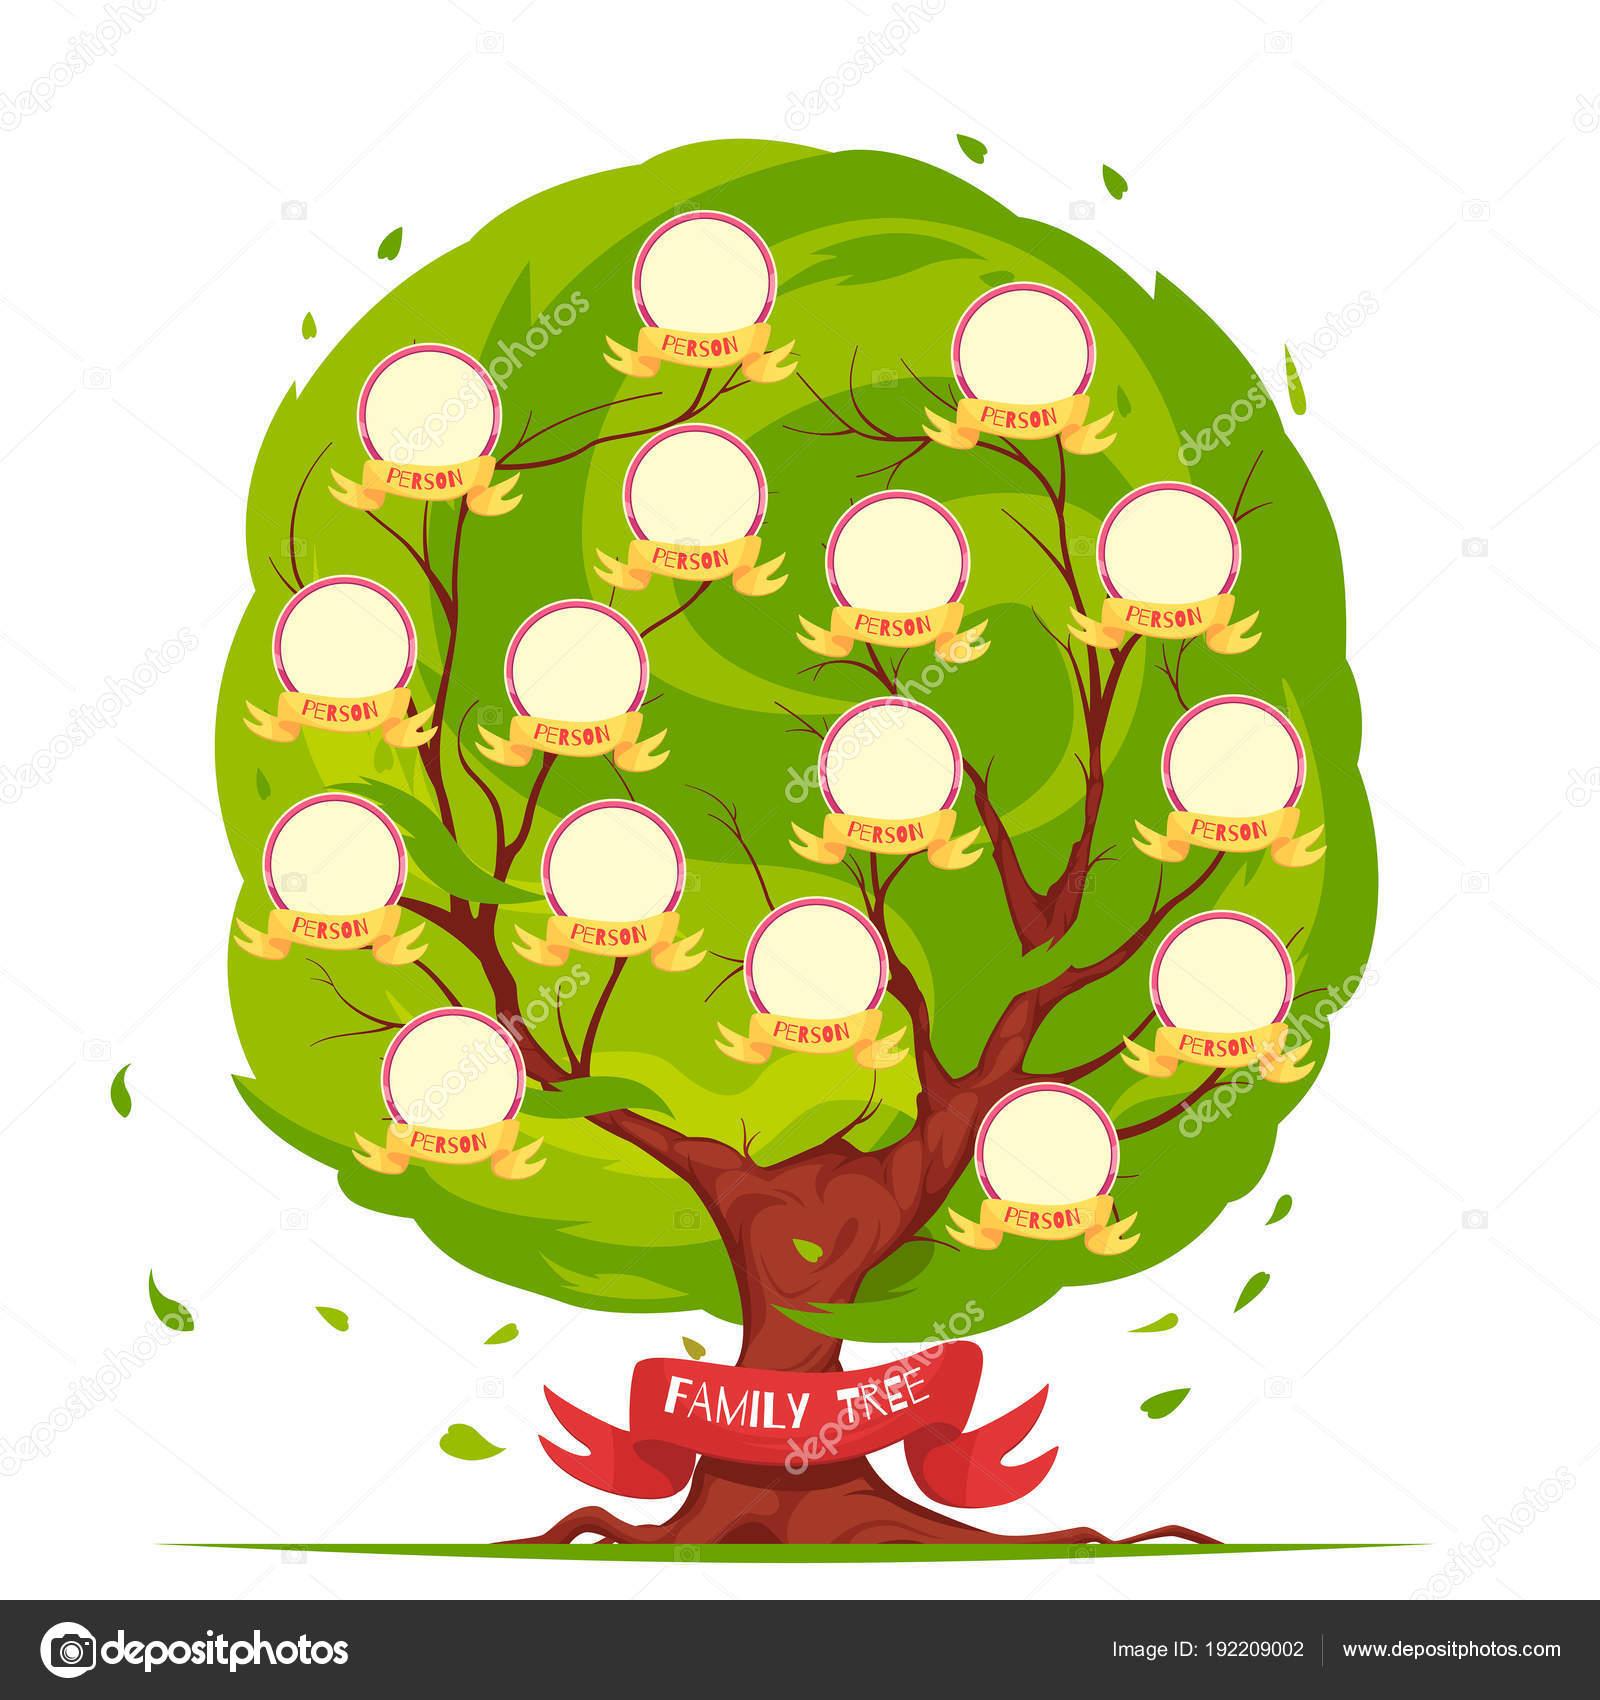 plantilla árbol genealógico — Archivo Imágenes Vectoriales ...